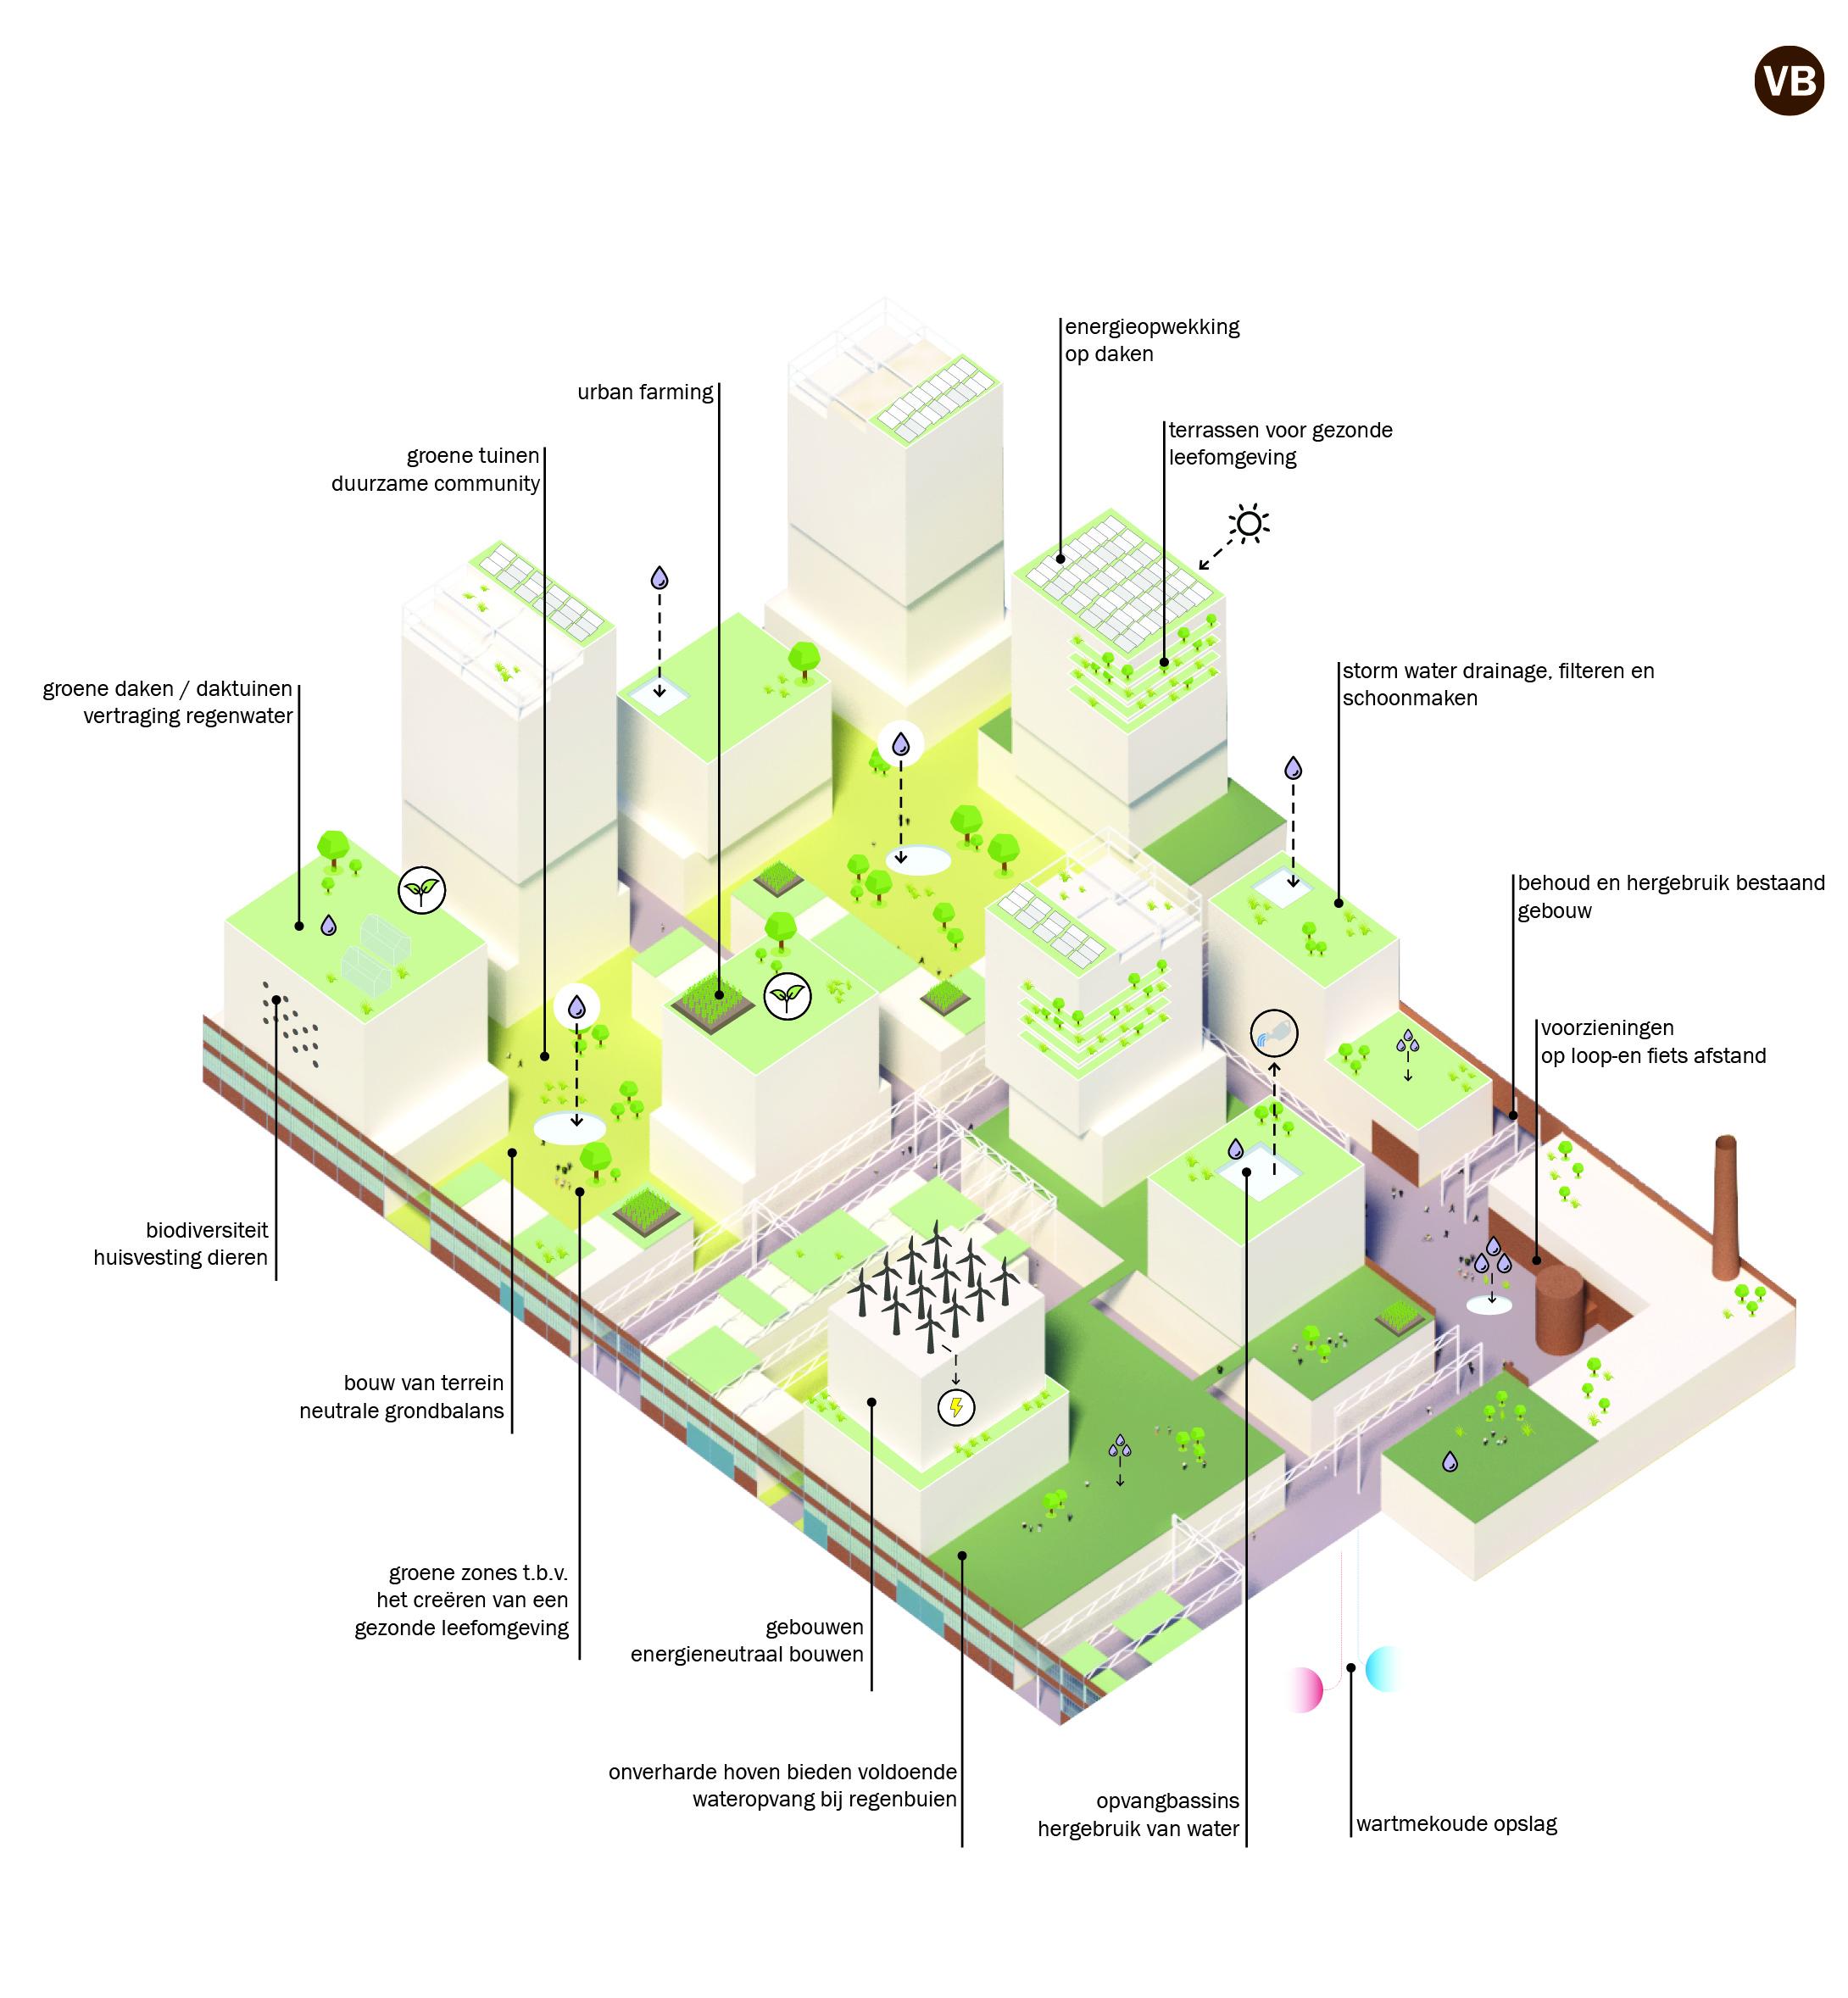 <p>Voorbeelduitwerking duurzaamheidsmaatregelen in de bouwvelden</p>